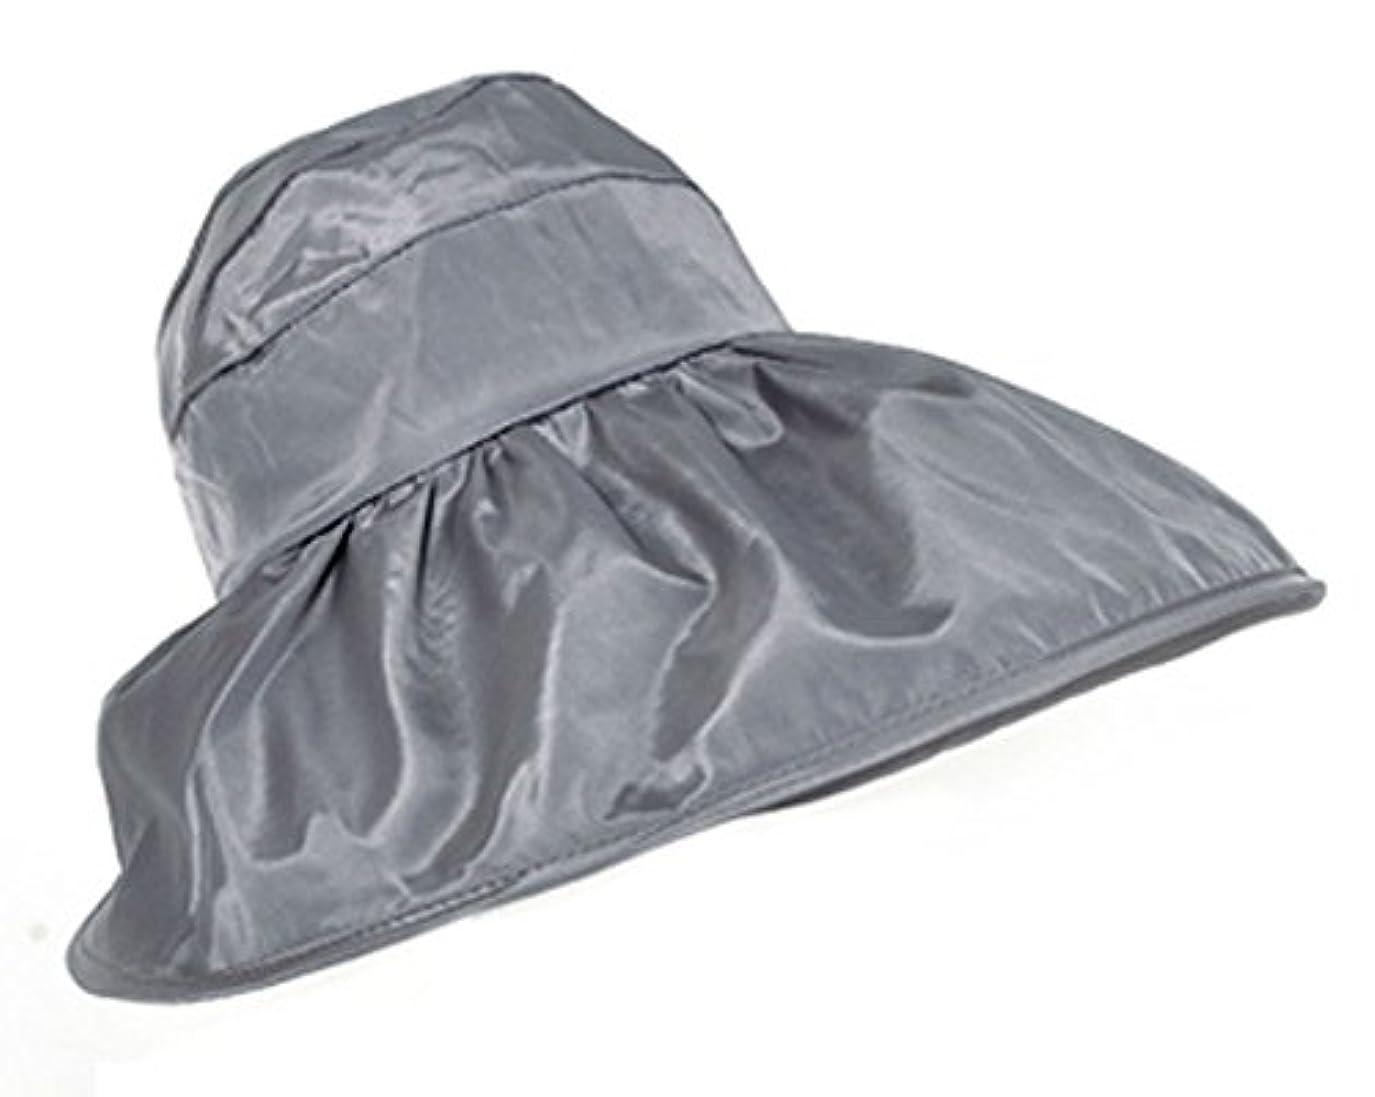 ロードブロッキング特異性珍味FakeFace 夏 レディース 帽子 UVカット サンバイザー 紫外線対策 日よけ帽子 つば広 オシャレ ケープ ハット 日よけ 折りたたみ 防水 カジュアル 海 農作業 ぼうし サイズ調節可